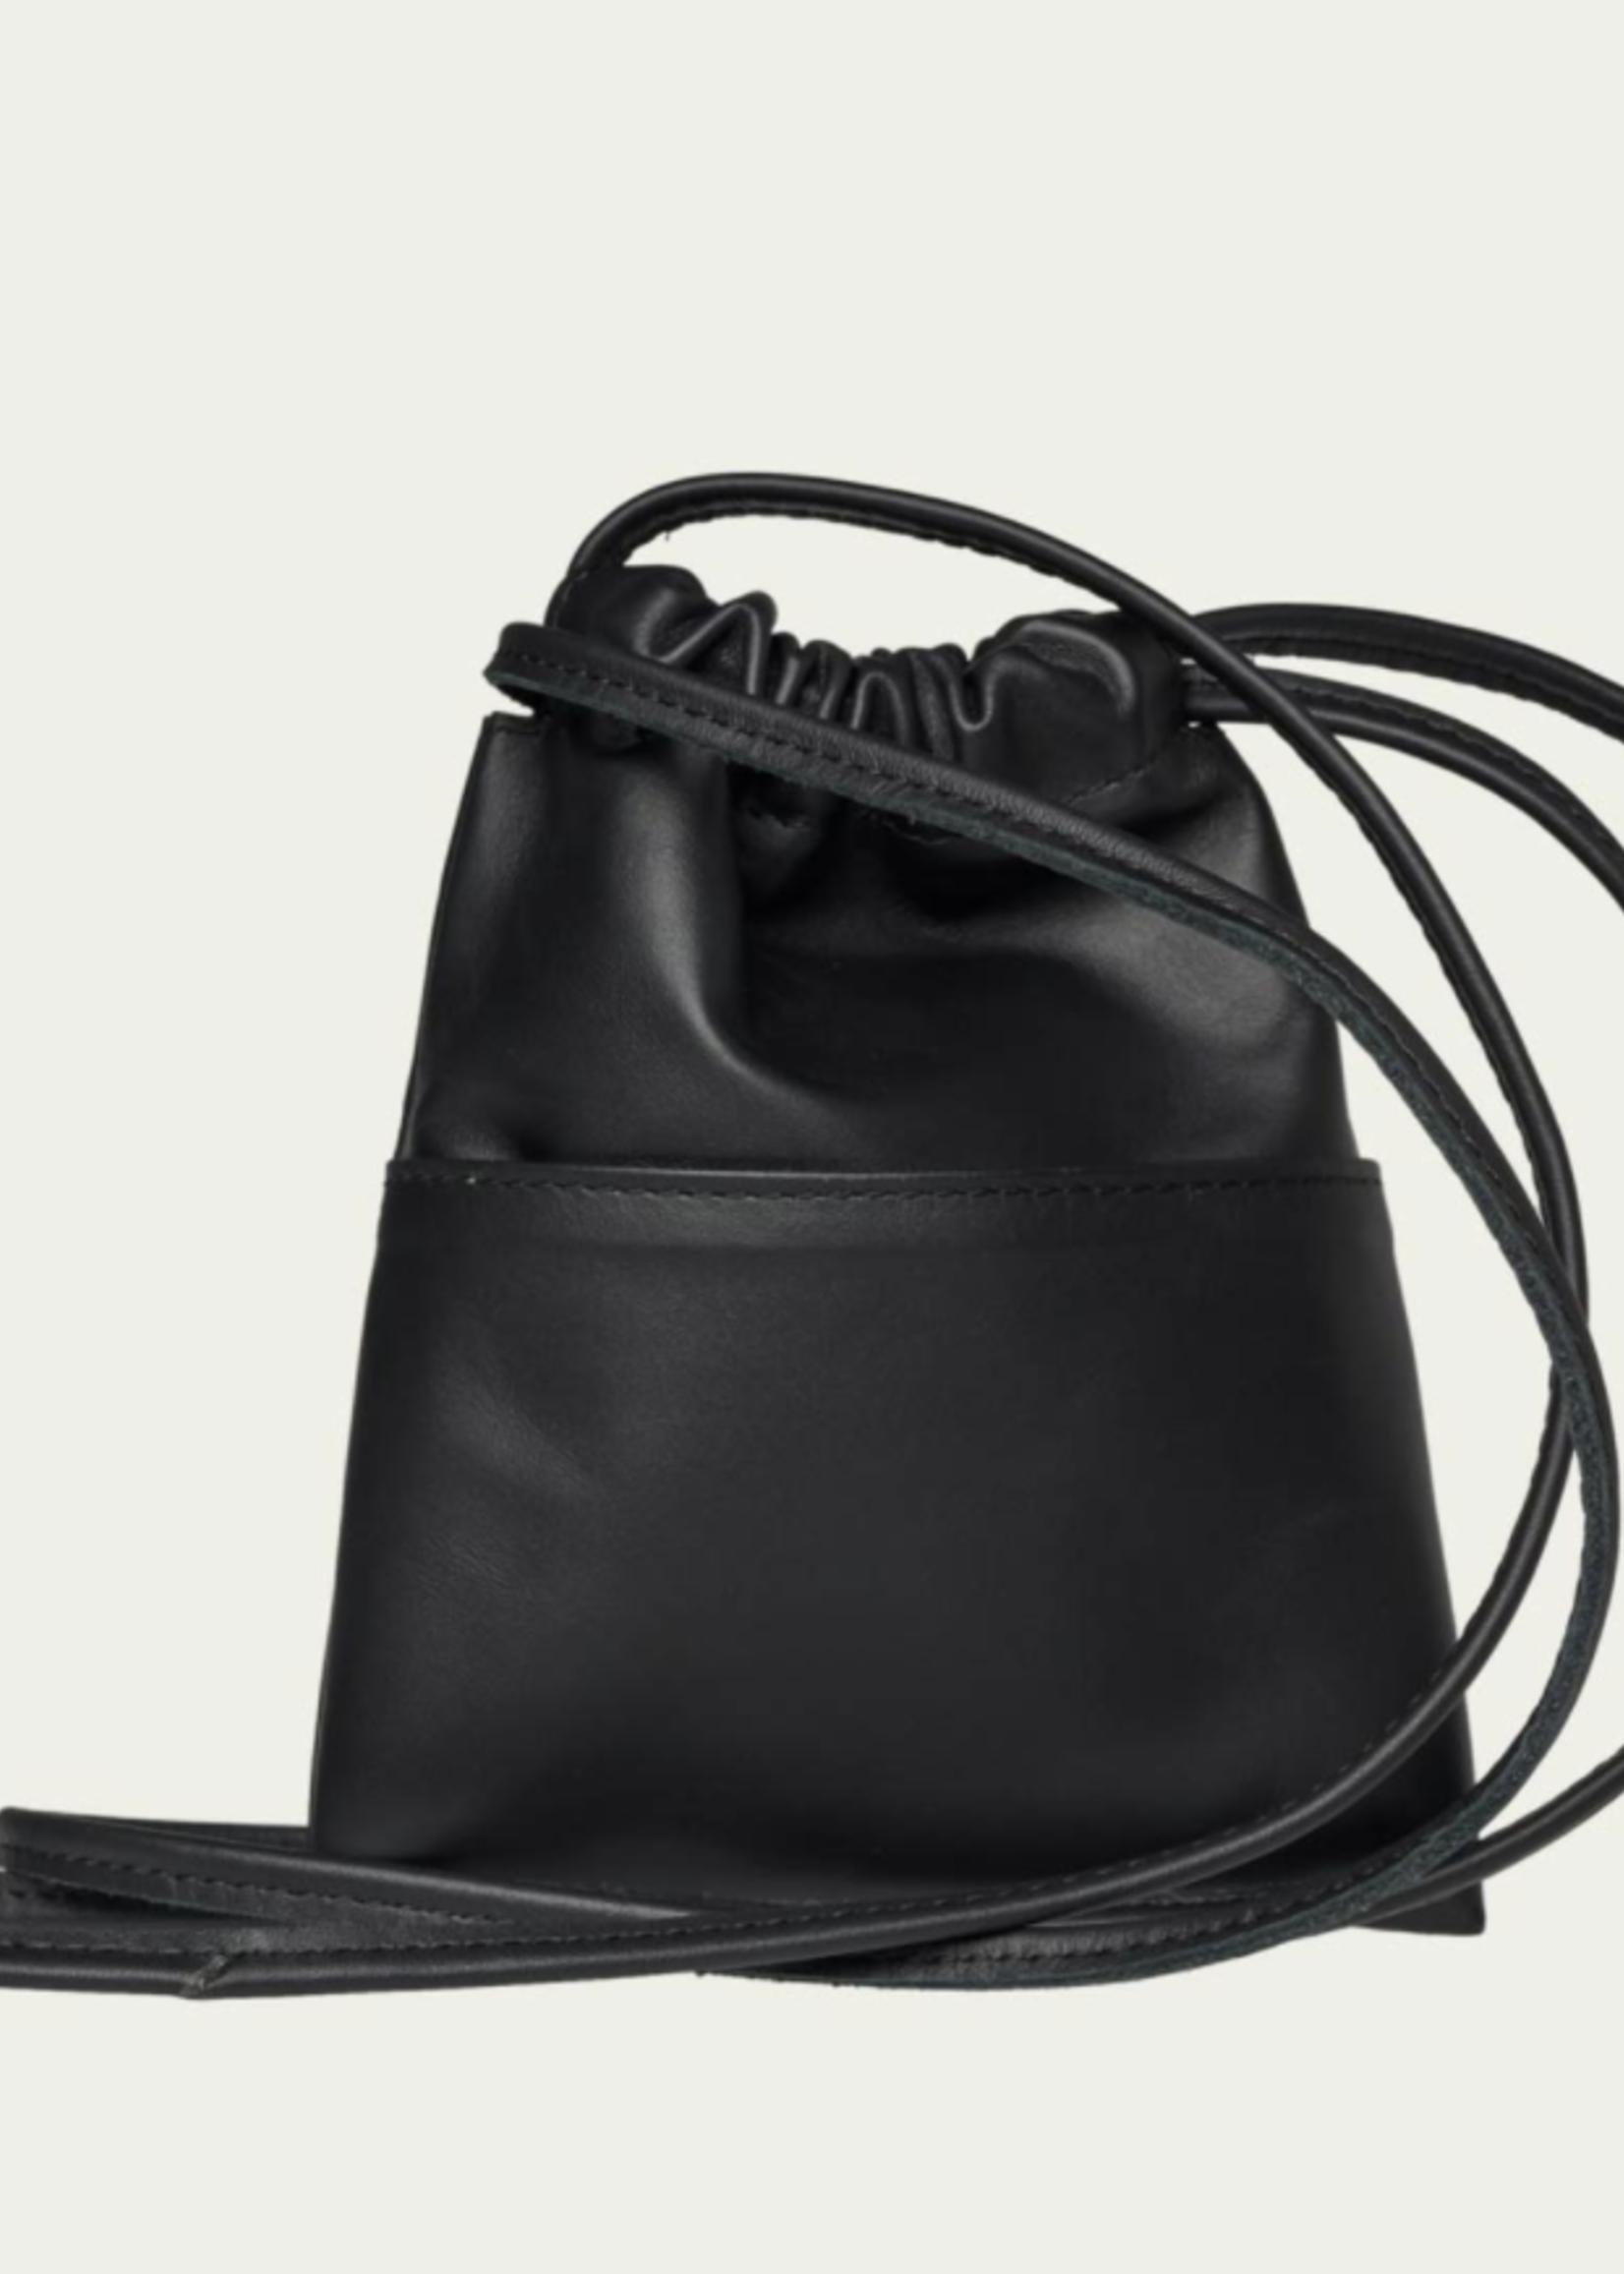 rikastudios rika studios petit leather bag black